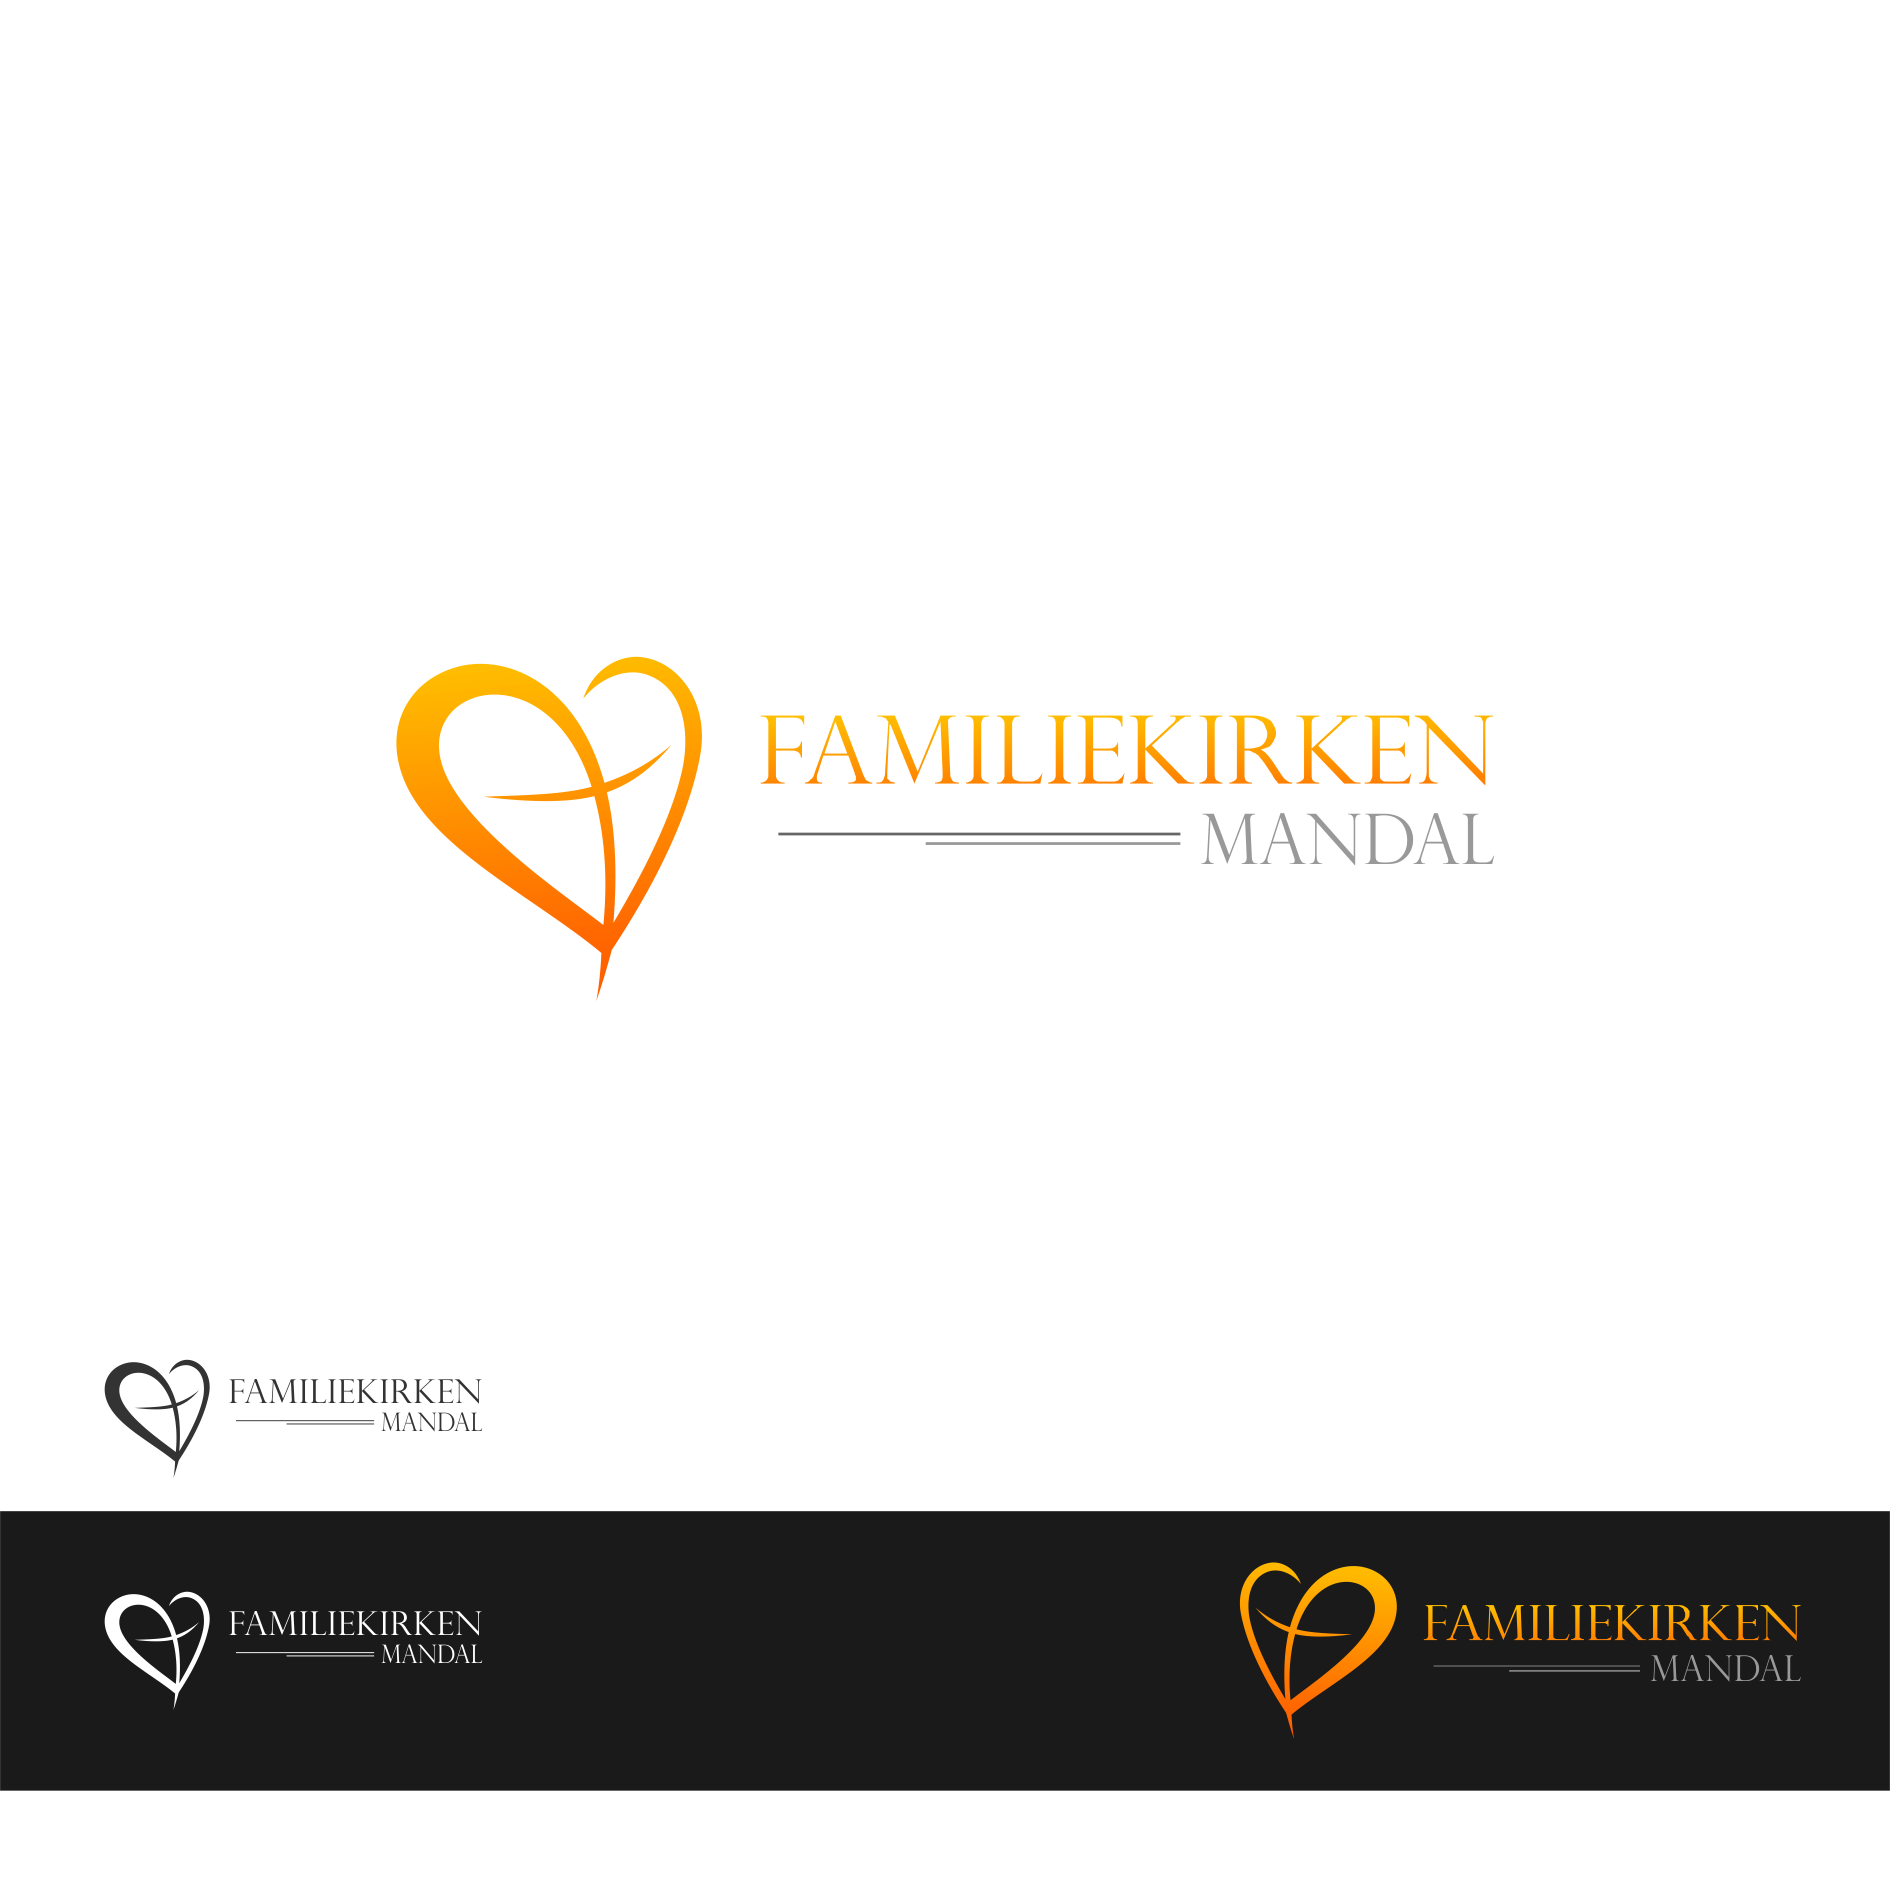 Familiekirken-Mandal needs a new logo